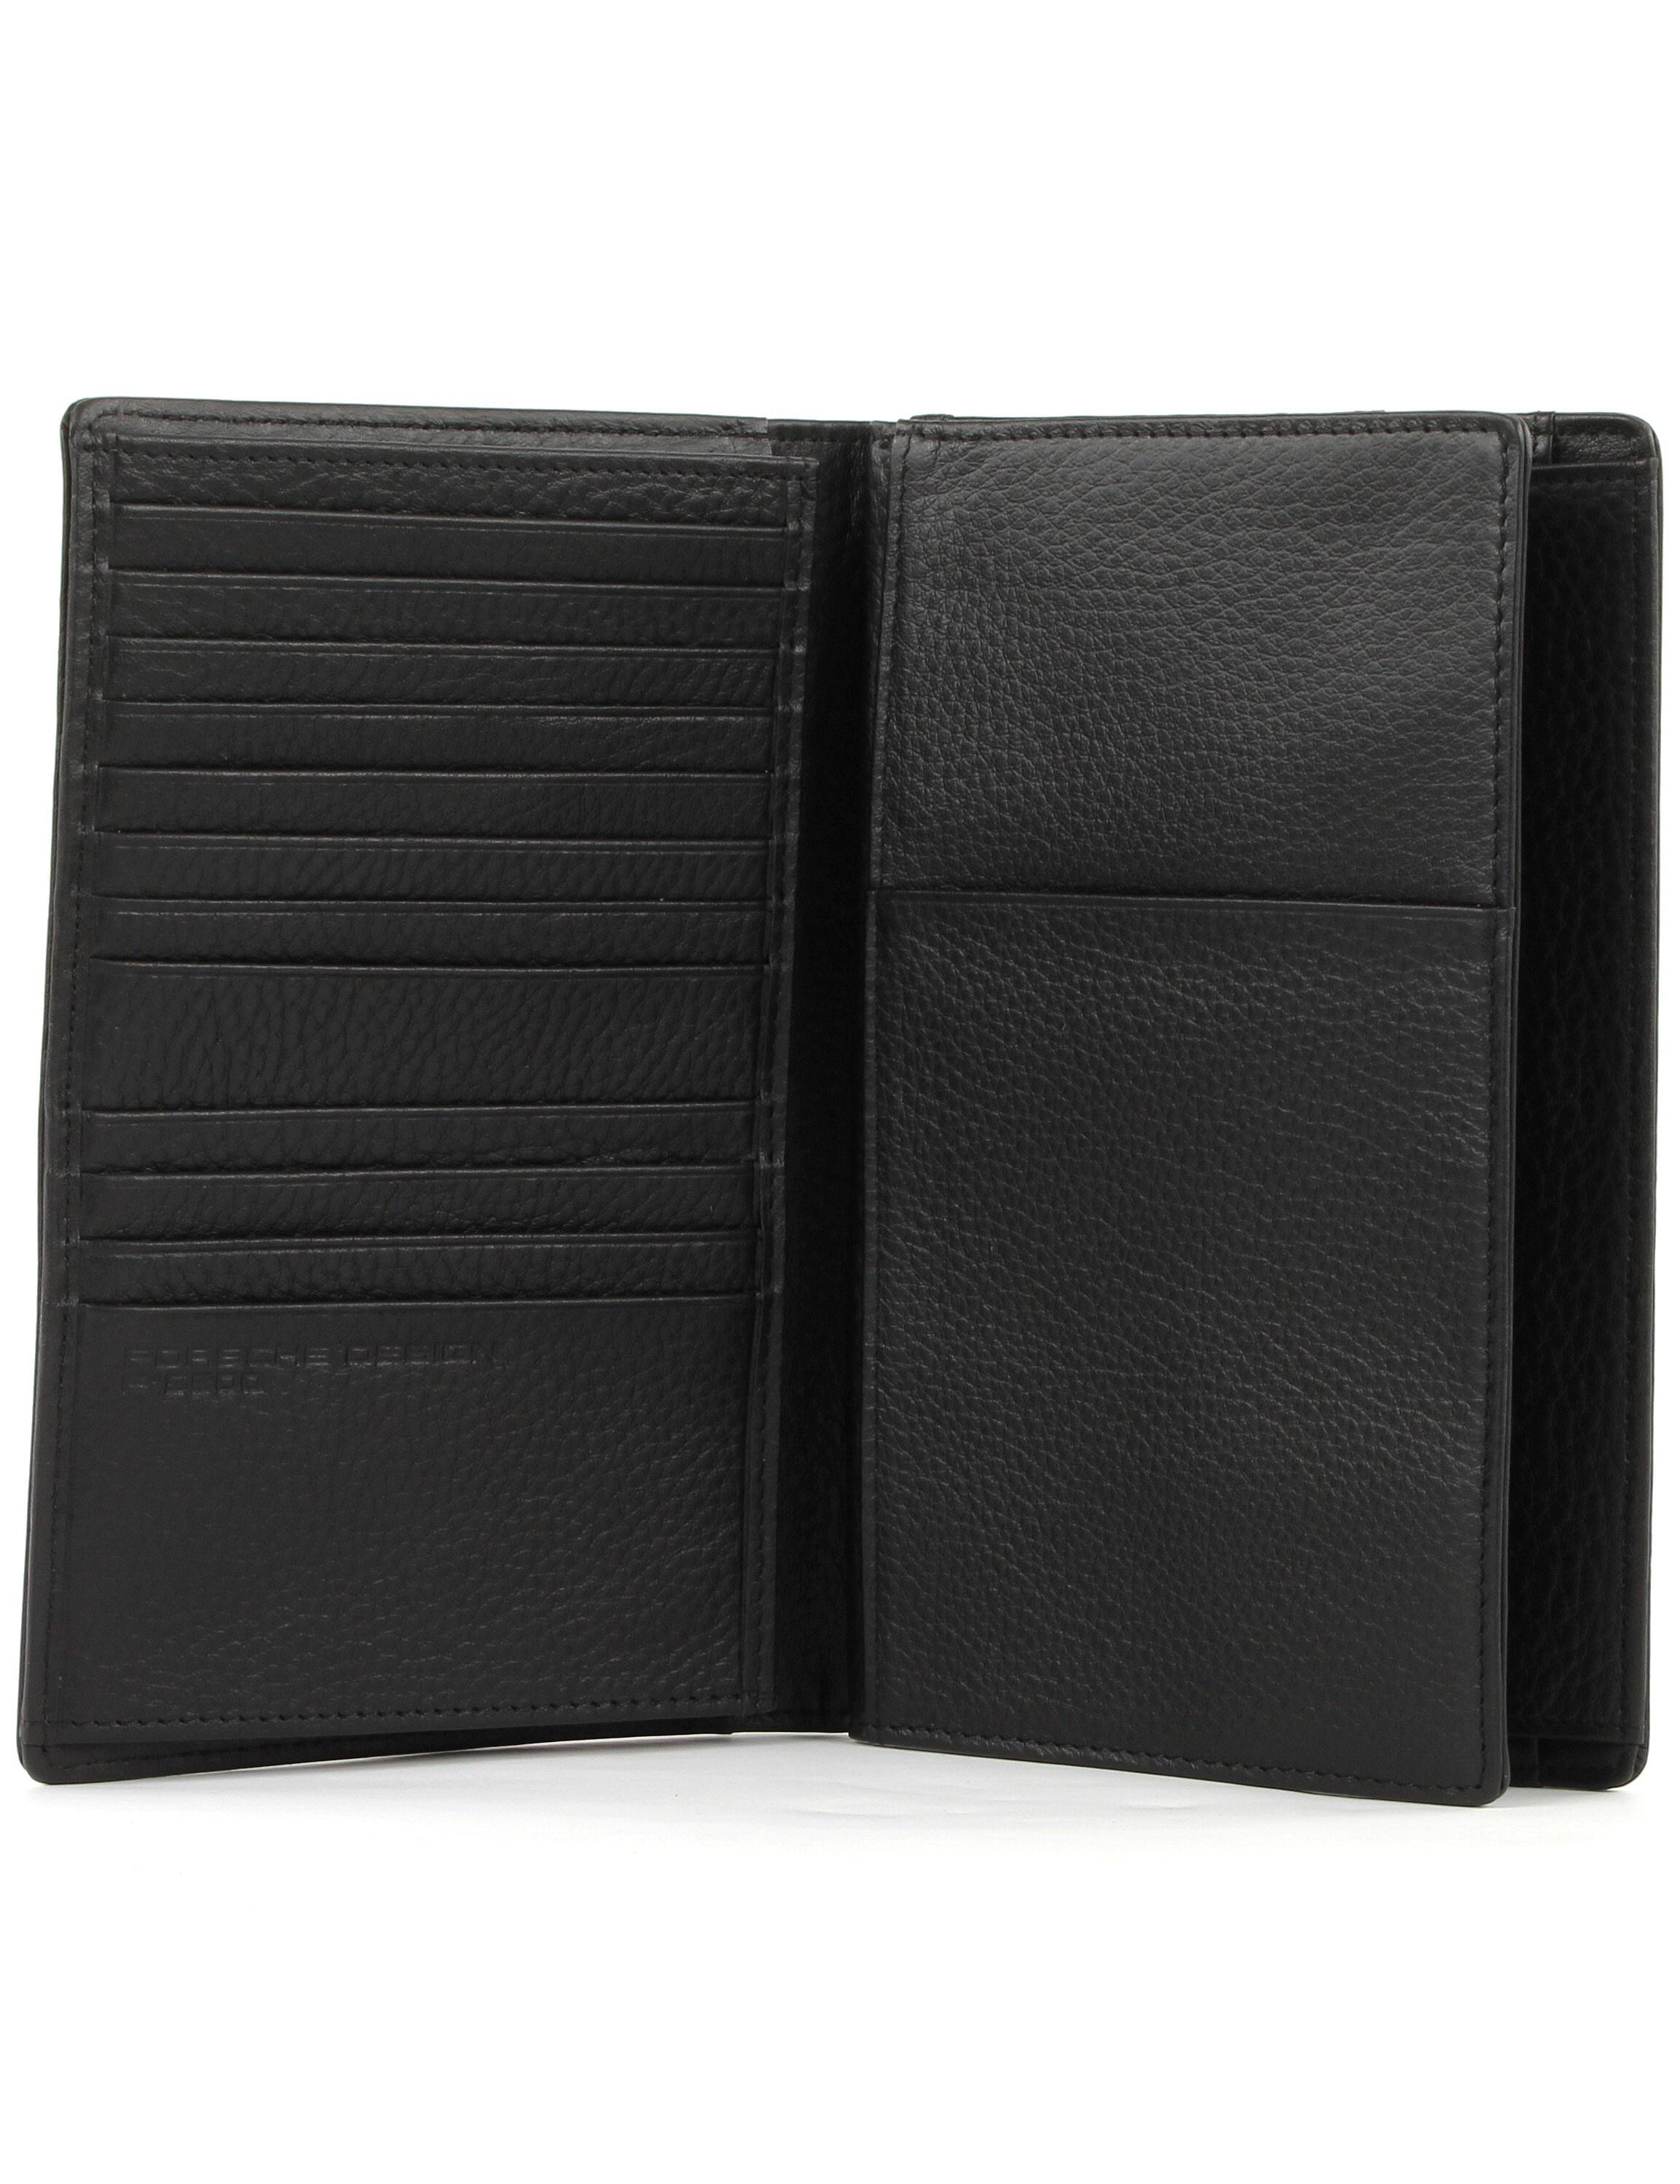 porsche design geldb rse cervo 2 0 wallet v11 black. Black Bedroom Furniture Sets. Home Design Ideas